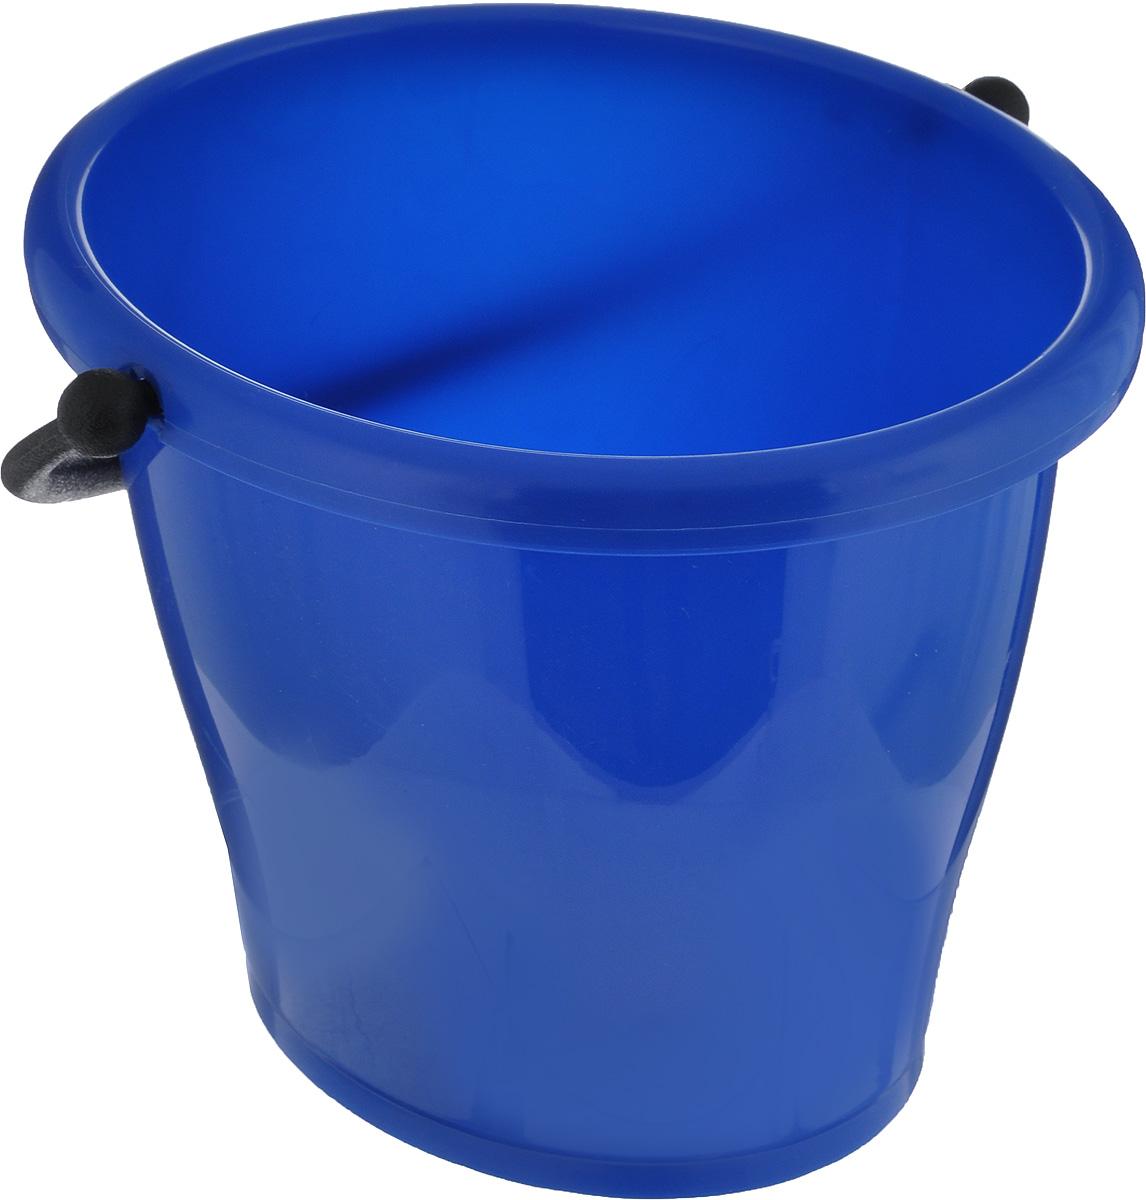 """Набор """"Solaris"""" - это удобная посуда на 2 персоны, выполненная из высококачественного ударопрочного пищевого полипропилена (пластика). Предназначена для многократного использования. Легкая, прочная и износостойкая, эта посуда работает в диапазоне температур от -25°С до +110°С. В состав набор входят 2 универсальные миски для супа или салата, 2 тарелки, 2 толстостенные чашки, 2 вилки, 2 столовые ложки, 2 ножа, 2 чайные ложки, 2 стопки с мерными делениями, солонка, перечница, ведерко. Эта посуда обеспечивает: - Хранение горячих и холодных пищевых продуктов; - Разогрев продуктов в микроволновой печи; - Приготовление пищи в микроволновой печи на пару  (пароварка); - Хранение продуктов в холодильной и морозильной камере; - Кипячение воды с помощью электрокипятильника. Набор очень легко хранить и перевозить благодаря пластиковому контейнеру-ведерку с герметичной крышкой и ручкой для переноски. В ведерке можно также хранить продукты или мариновать шашлык. Набор удобно брать с собой на дачу, на рыбалку, в путешествие, в поход. Можно мыть в посудомоечной машине. Объем ведерка: 5 л. Размер ведерка: 27 см х 23 см х 21,5 см. Объем миски: 1 л. Диаметр миски: 15 см. Высота стенки миски: 5 см. Диаметр тарелки: 18 см. Объем чашки: 280 мл. Диаметр чашки (по верхнему краю): 9,5 см. Высота стенки чашки: 6 см. Объем стопки: 100 мл. Диаметр стопки (по верхнему краю): 6,5 см. Высота стопки: 6 см. Длина столовой ложки/вилки/ножа: 19 см. Длина чайной ложки: 14 см. Высота солонки/перечницы: 4,5 см."""